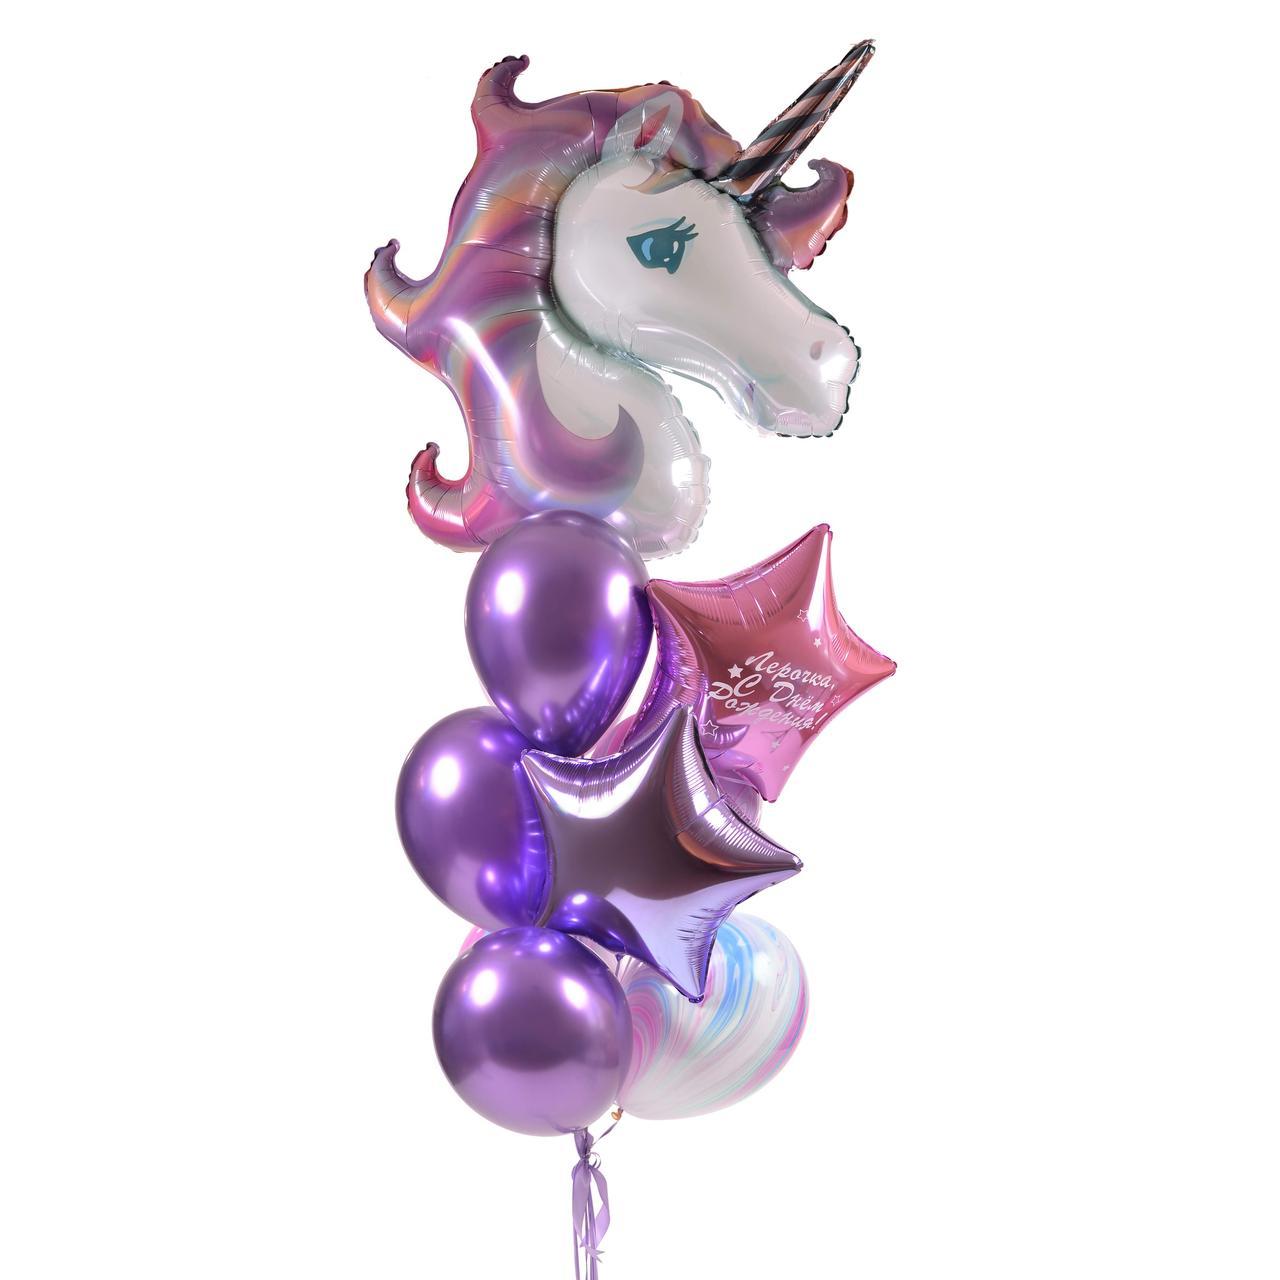 Зв'язка повітряних кульок з головою єдинорога і фольгированными зірками